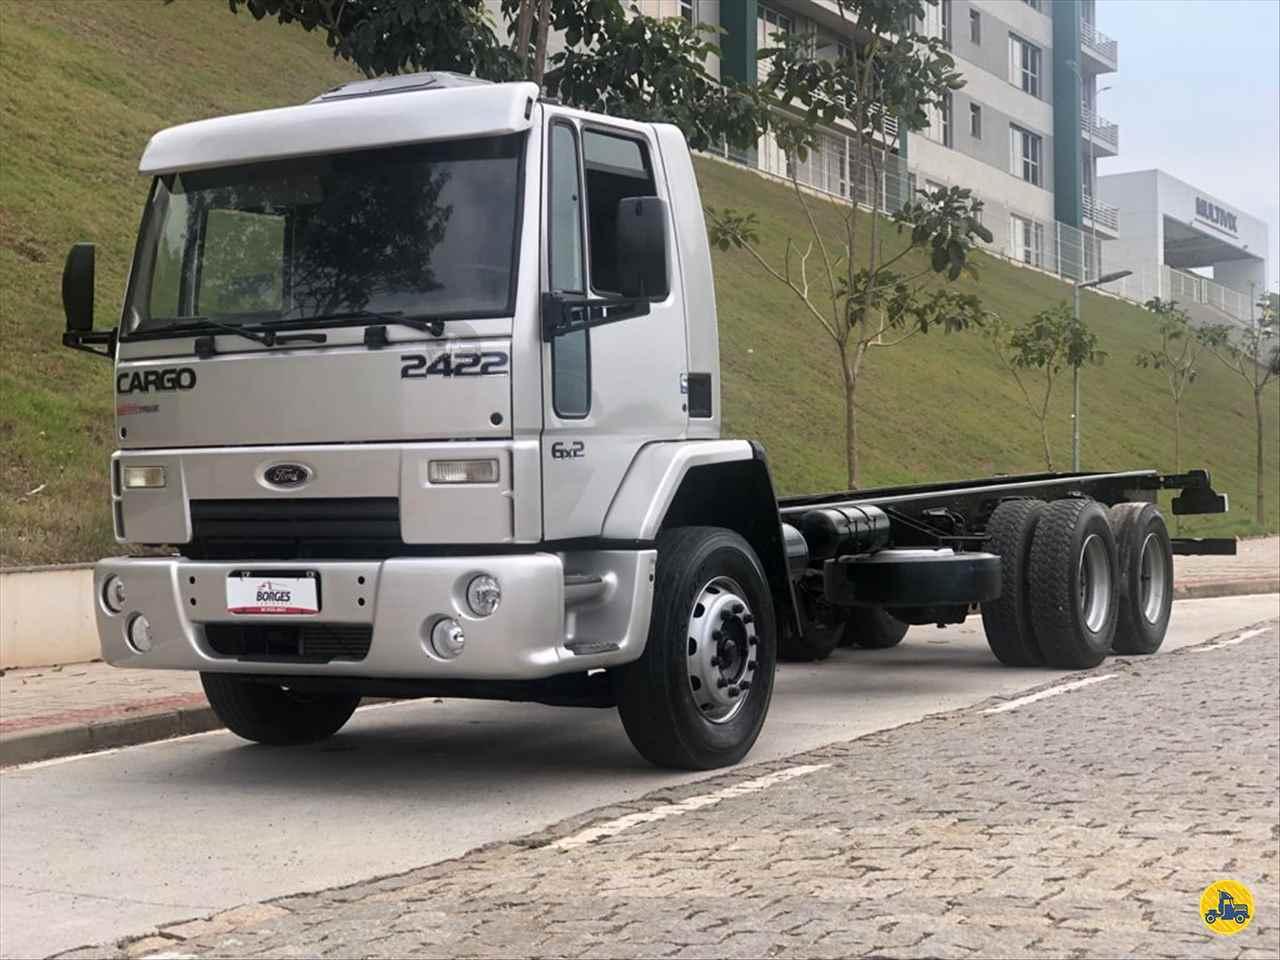 CAMINHAO FORD CARGO 2422 Chassis Traçado 6x4 Borges Caminhões CACHOEIRO DE ITAPEMIRIM ESPÍRITO SANTO ES